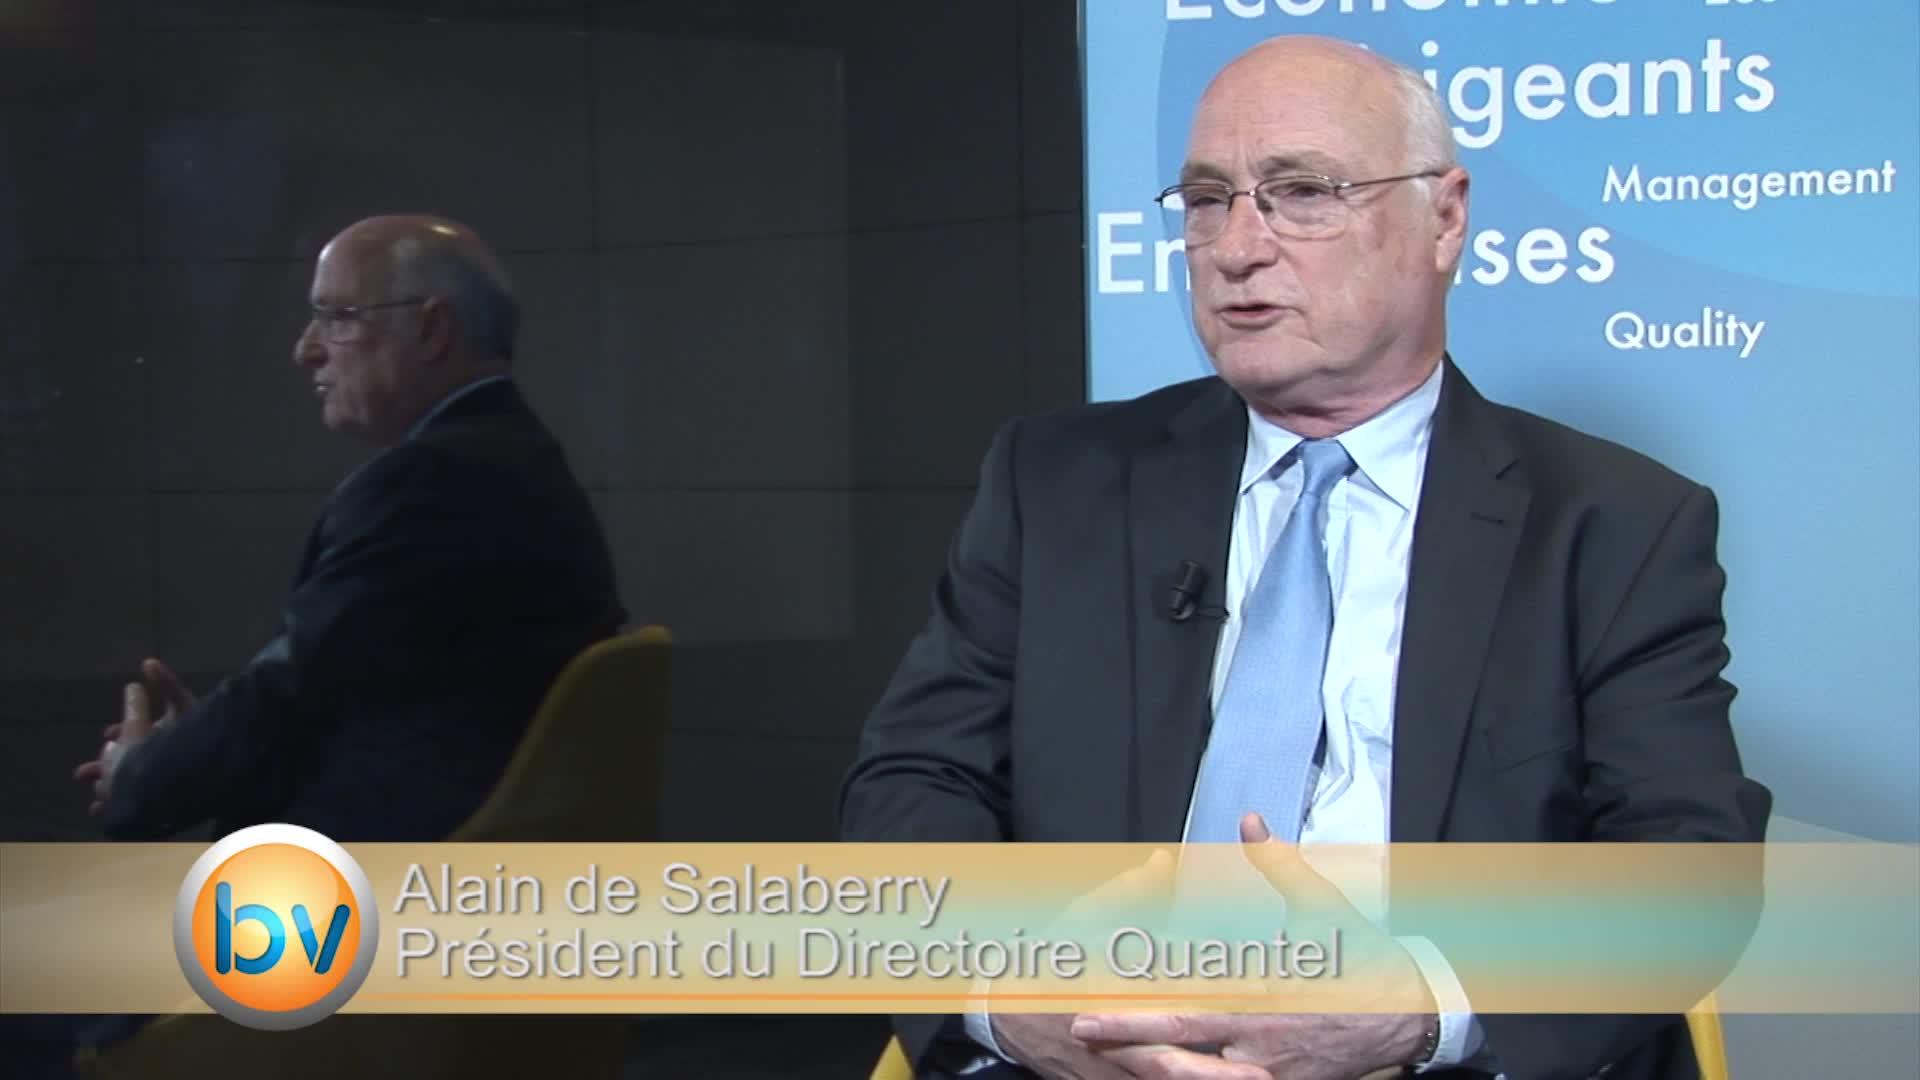 """Alain de Salaberry Président du Directoire Quantel : """"La dette n'est plus un sujet de préoccupation"""""""